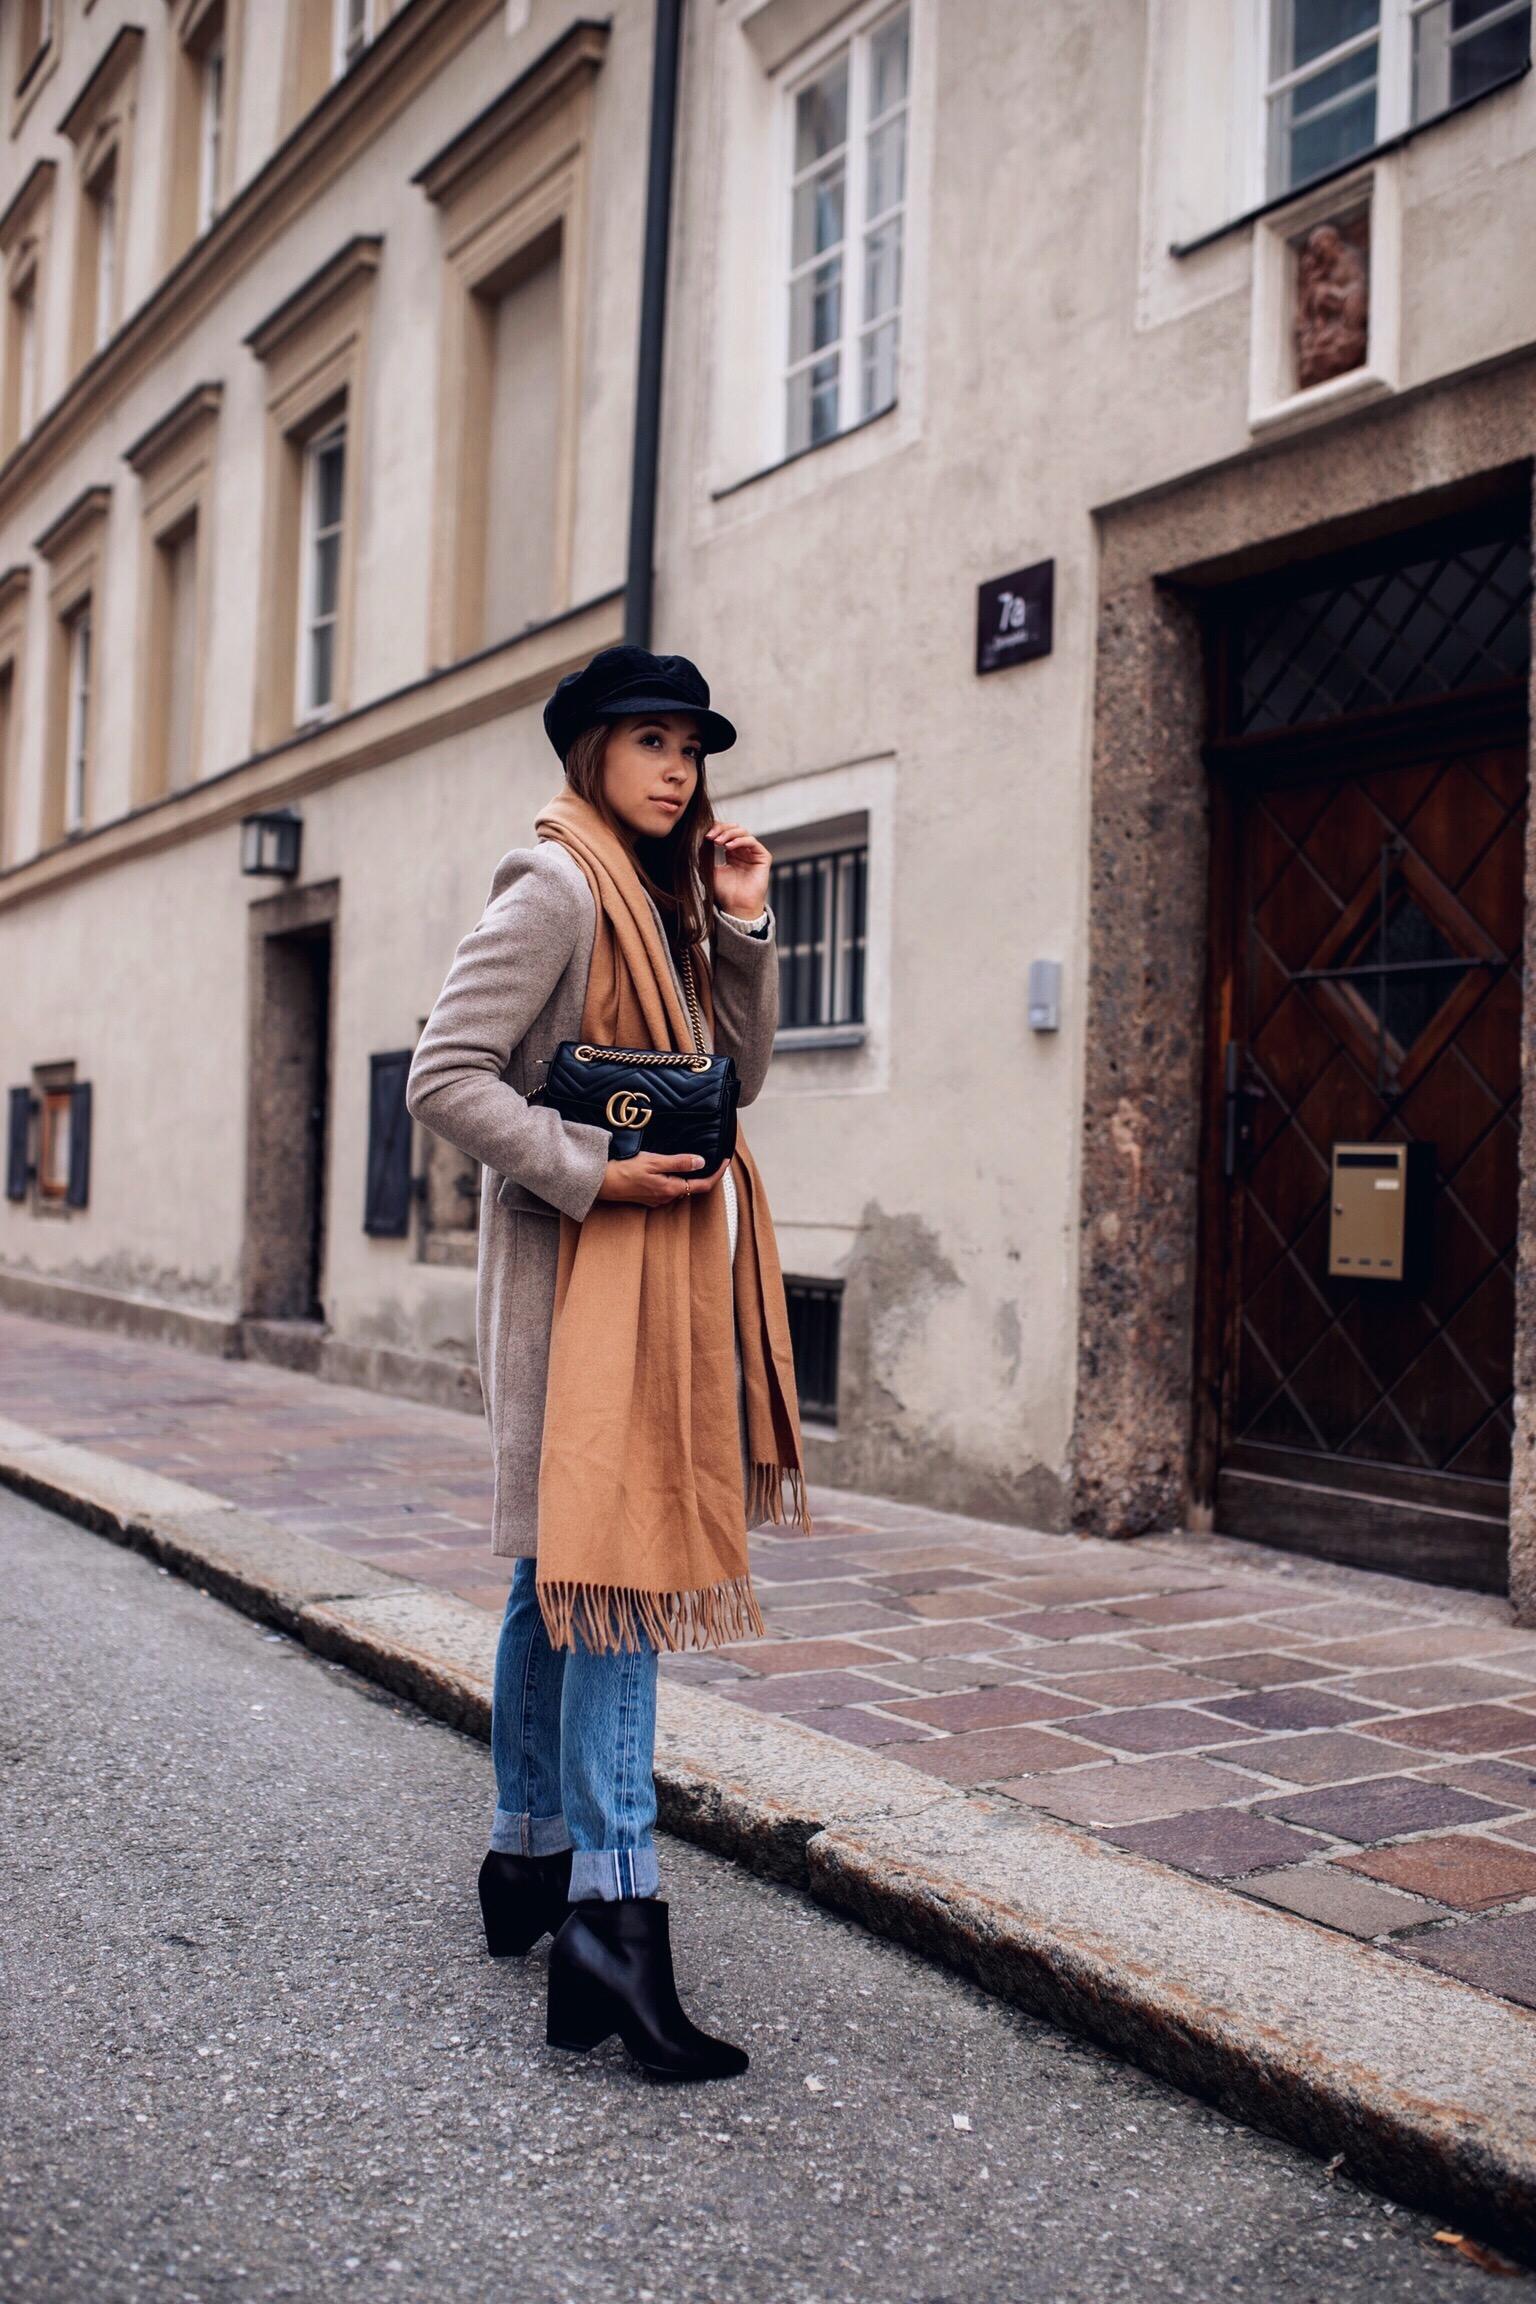 Herbst Outfit mit grauem Mantel, Strickpullover, Jeans und Stiefeletten